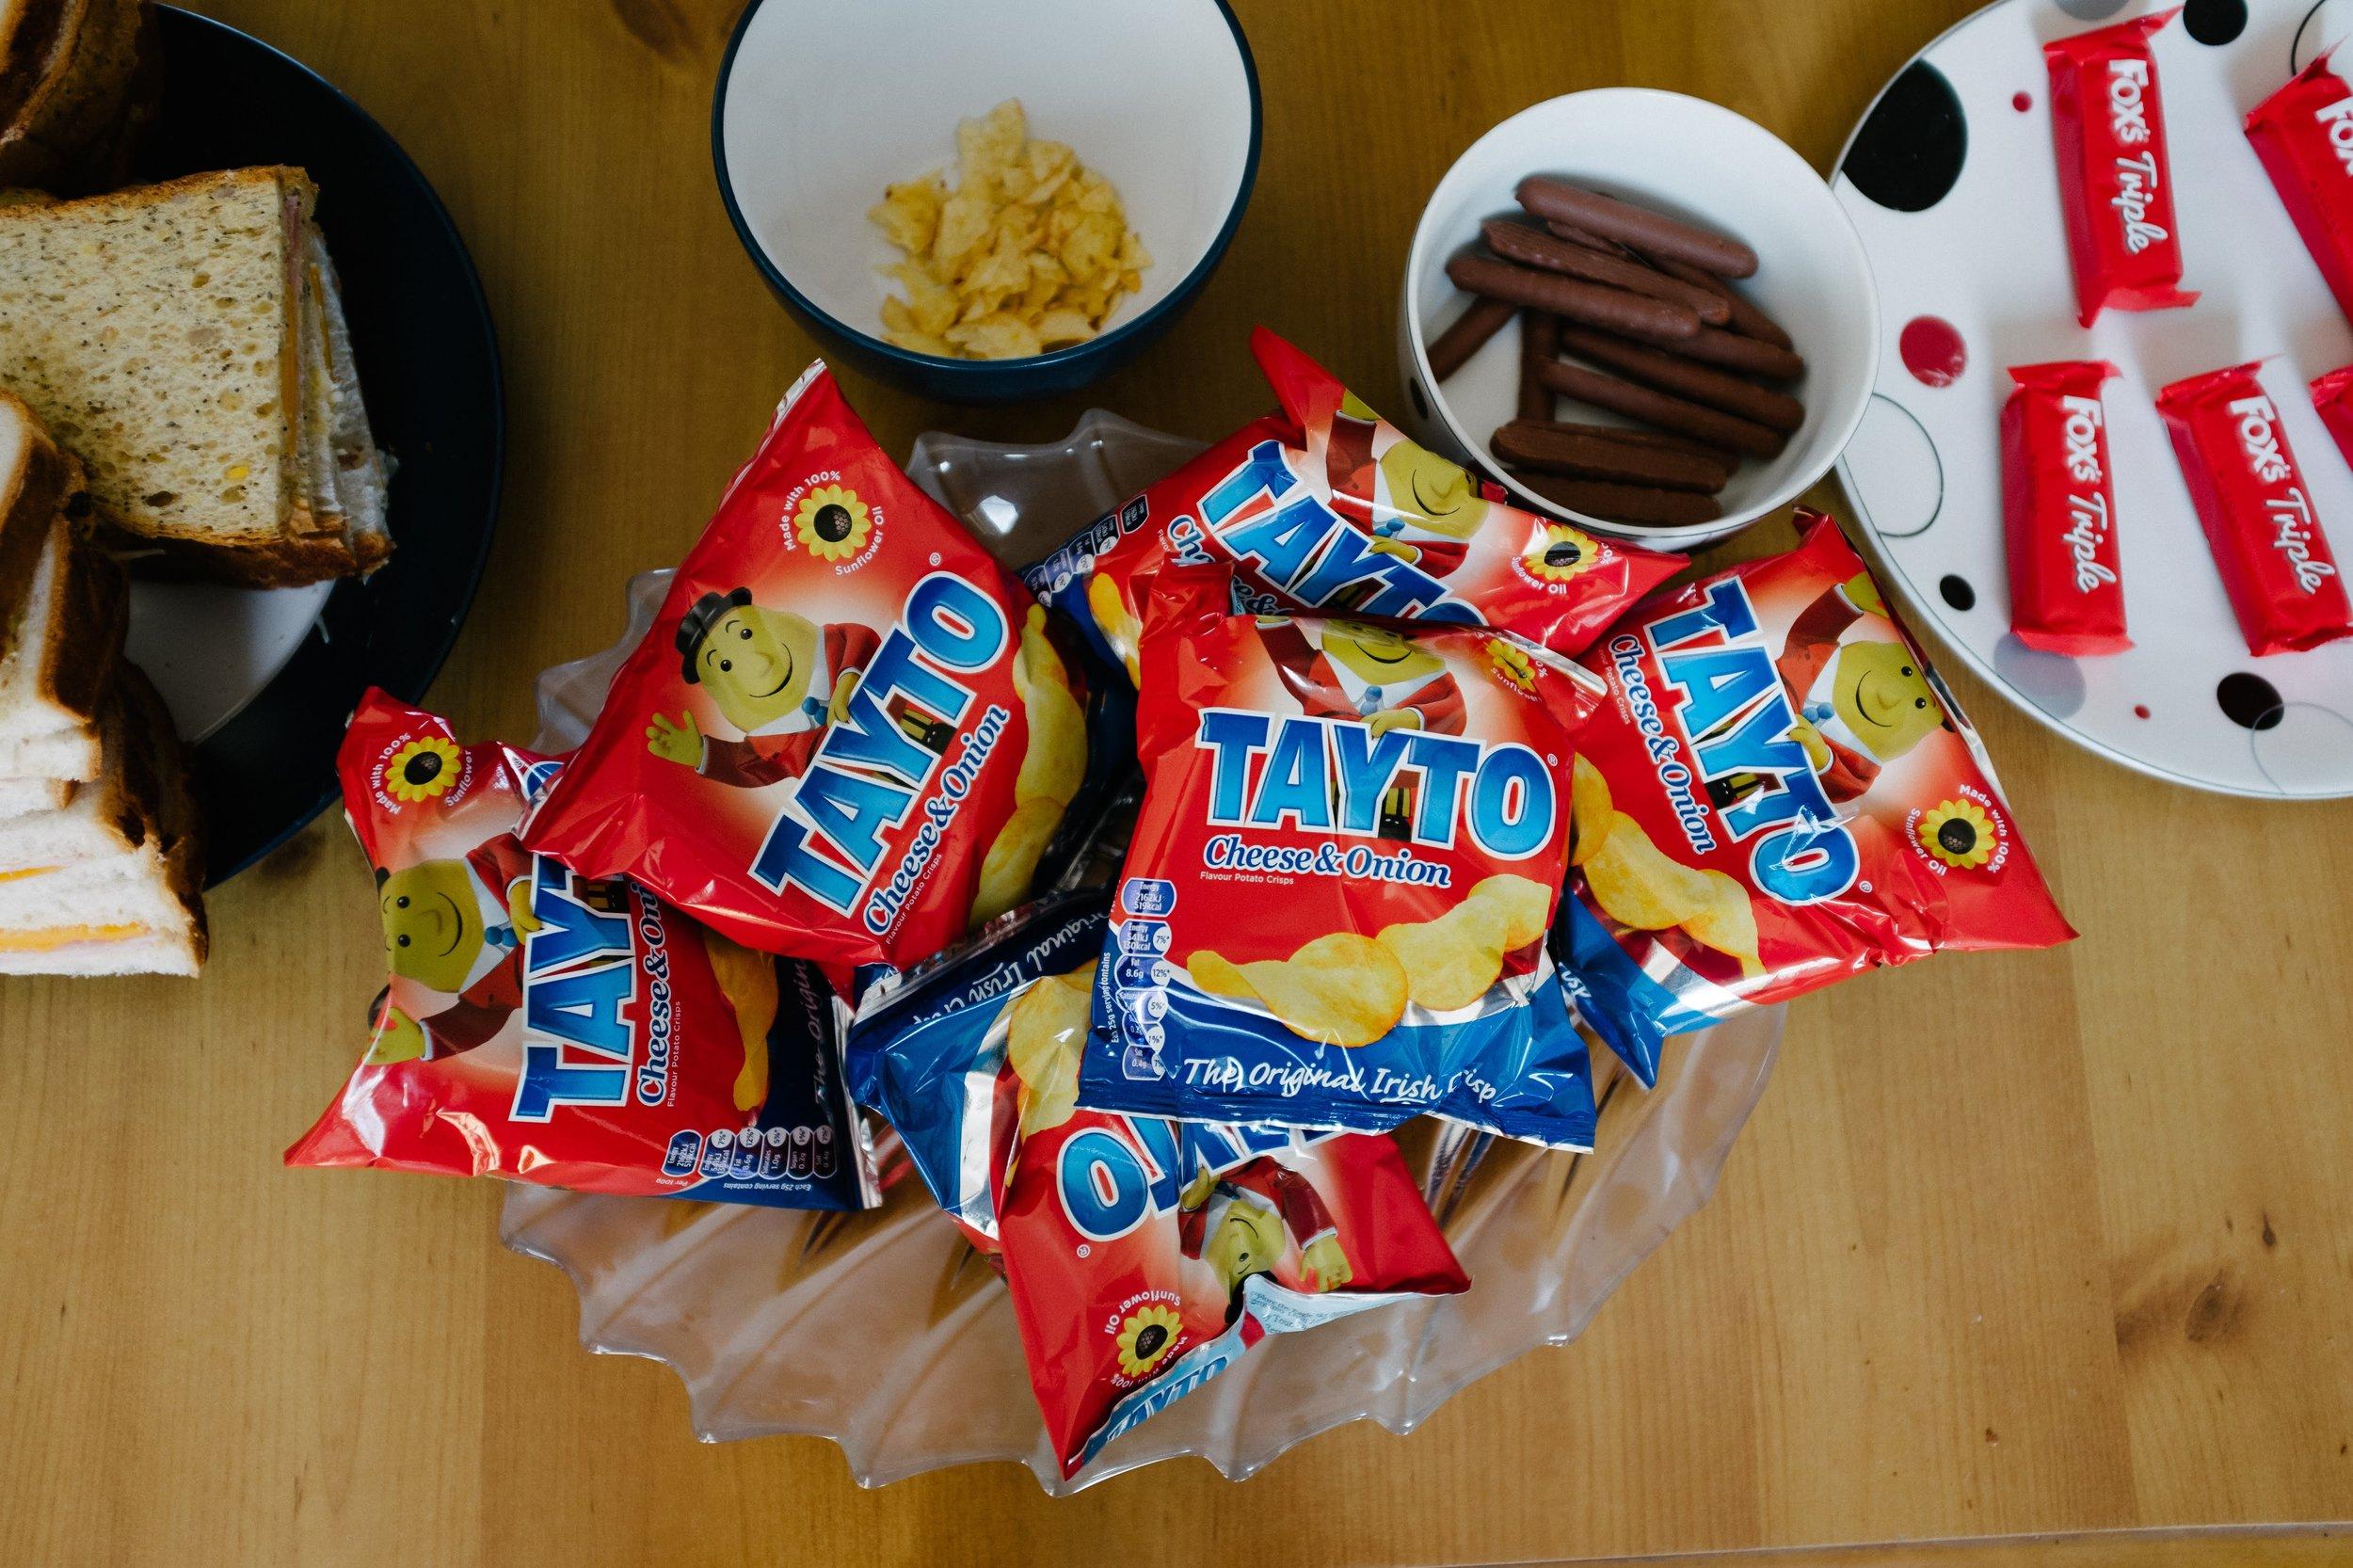 Tayto Crisps and Irish Snacks